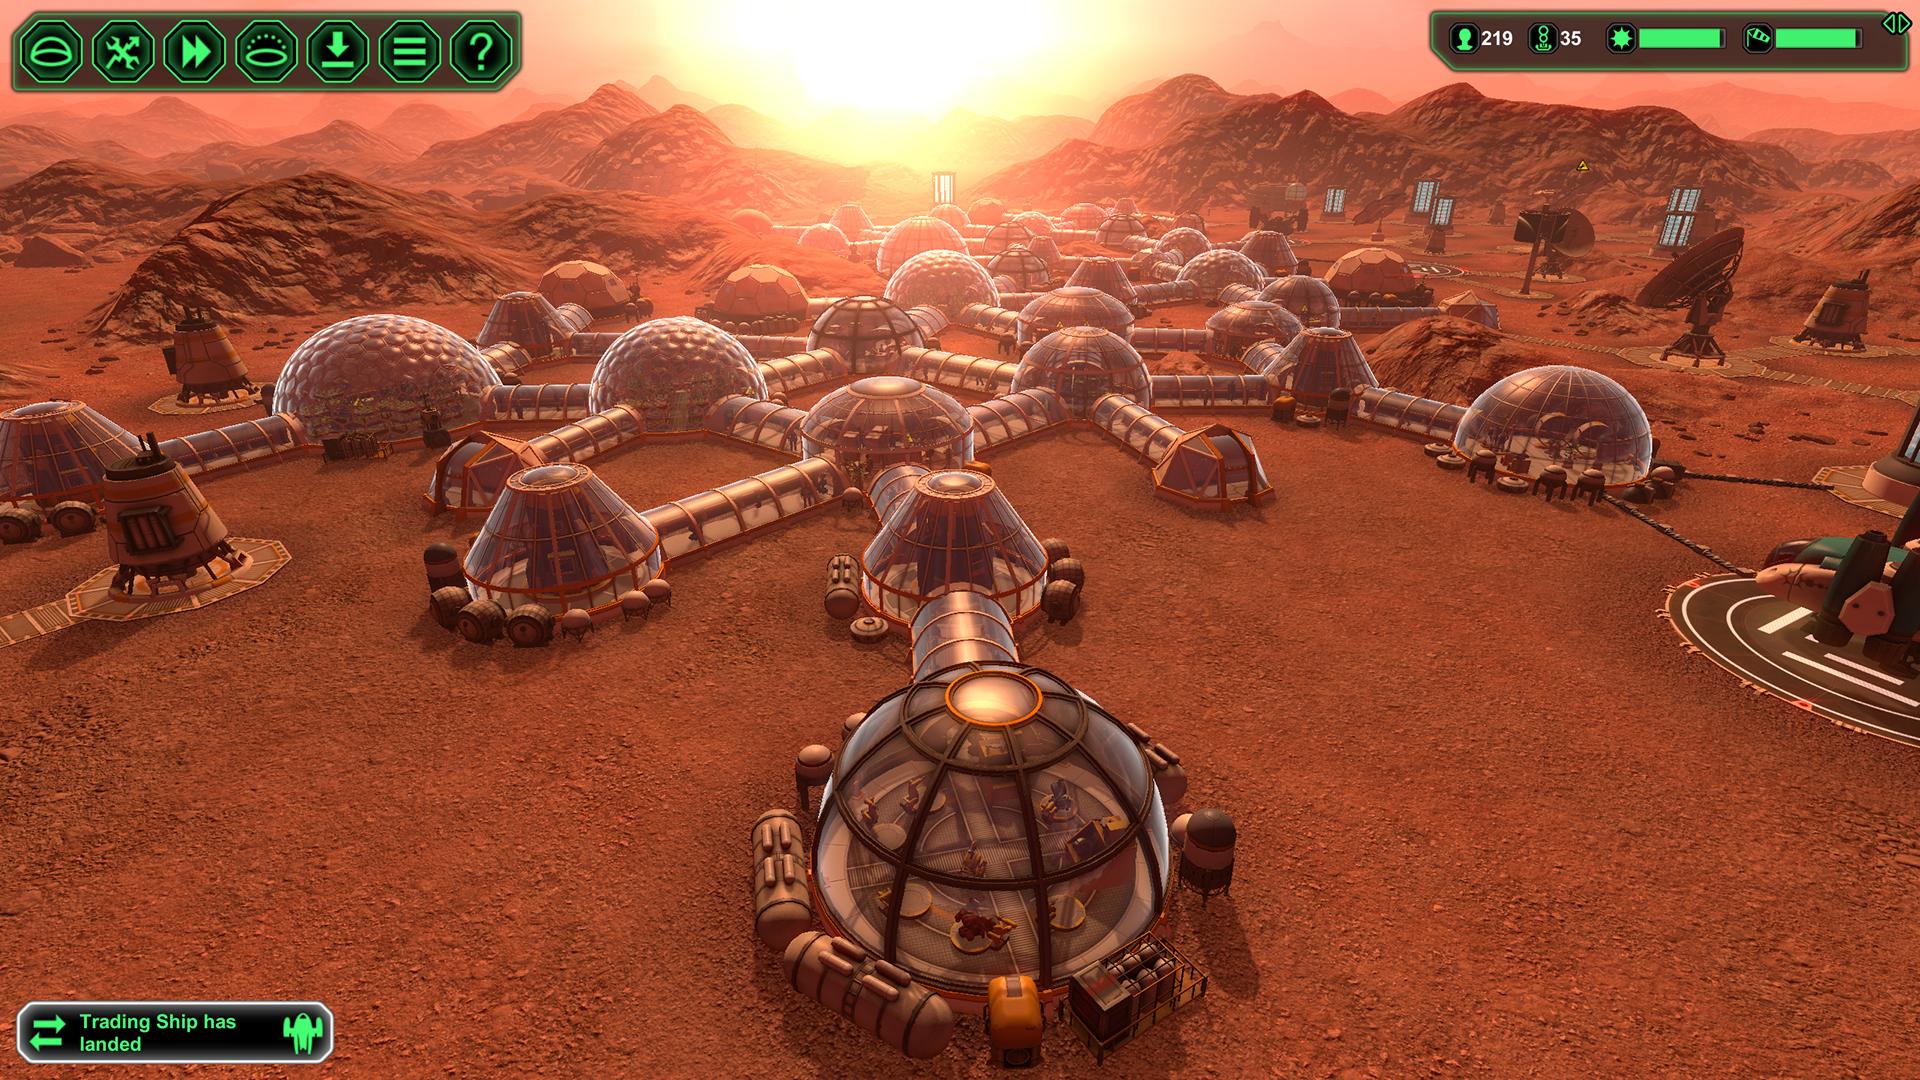 تحميل اقوى العاب البقاء Planetbase Ss_9e839b44d491d93072a38cb21c6f77316e7b816d.1920x1080